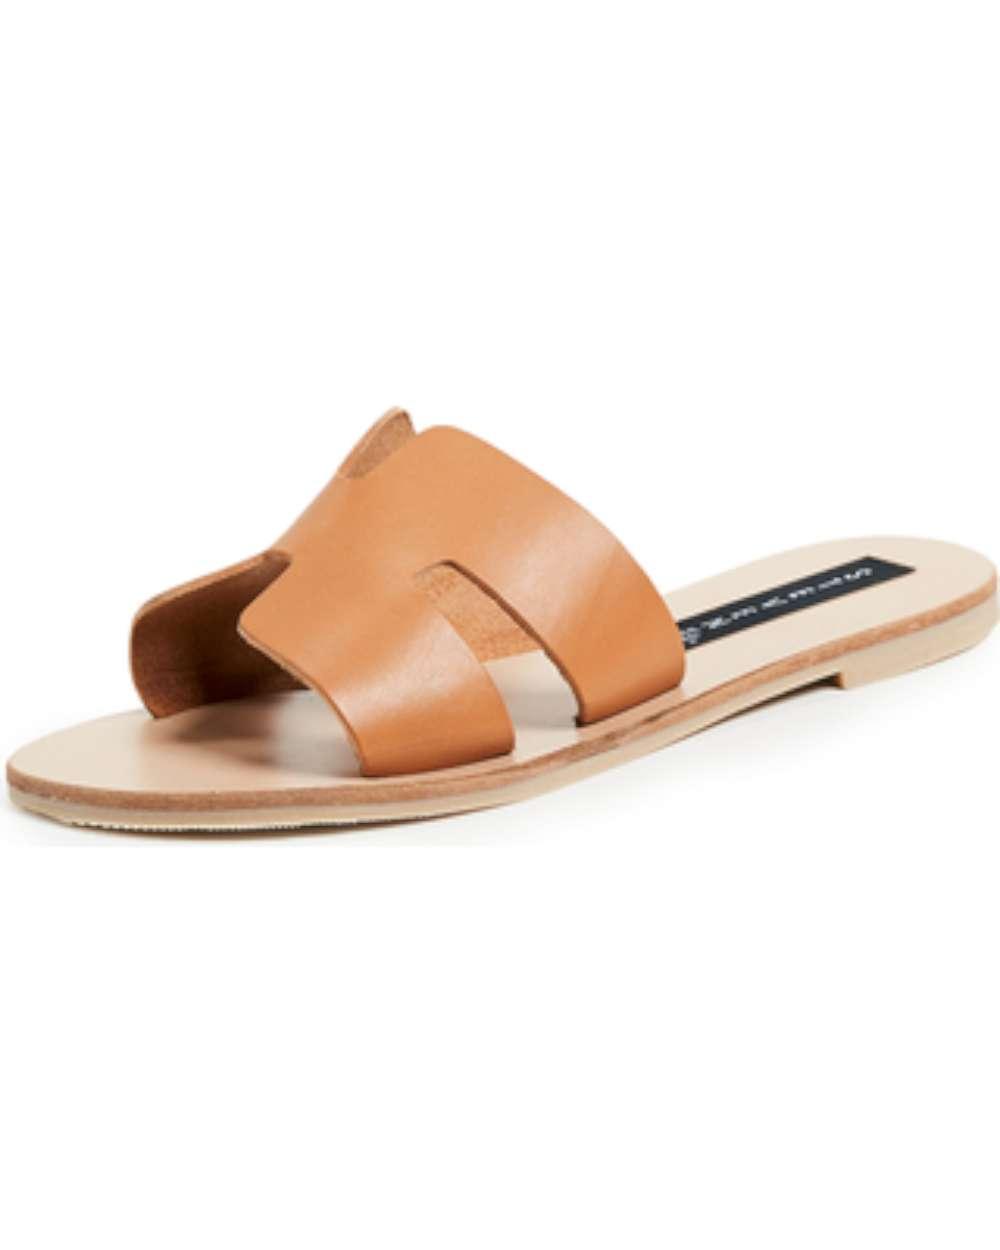 664529eedff3 STEVEN by Steve Madden Womens Greece Leather Open Toe Casual Slide Sandals